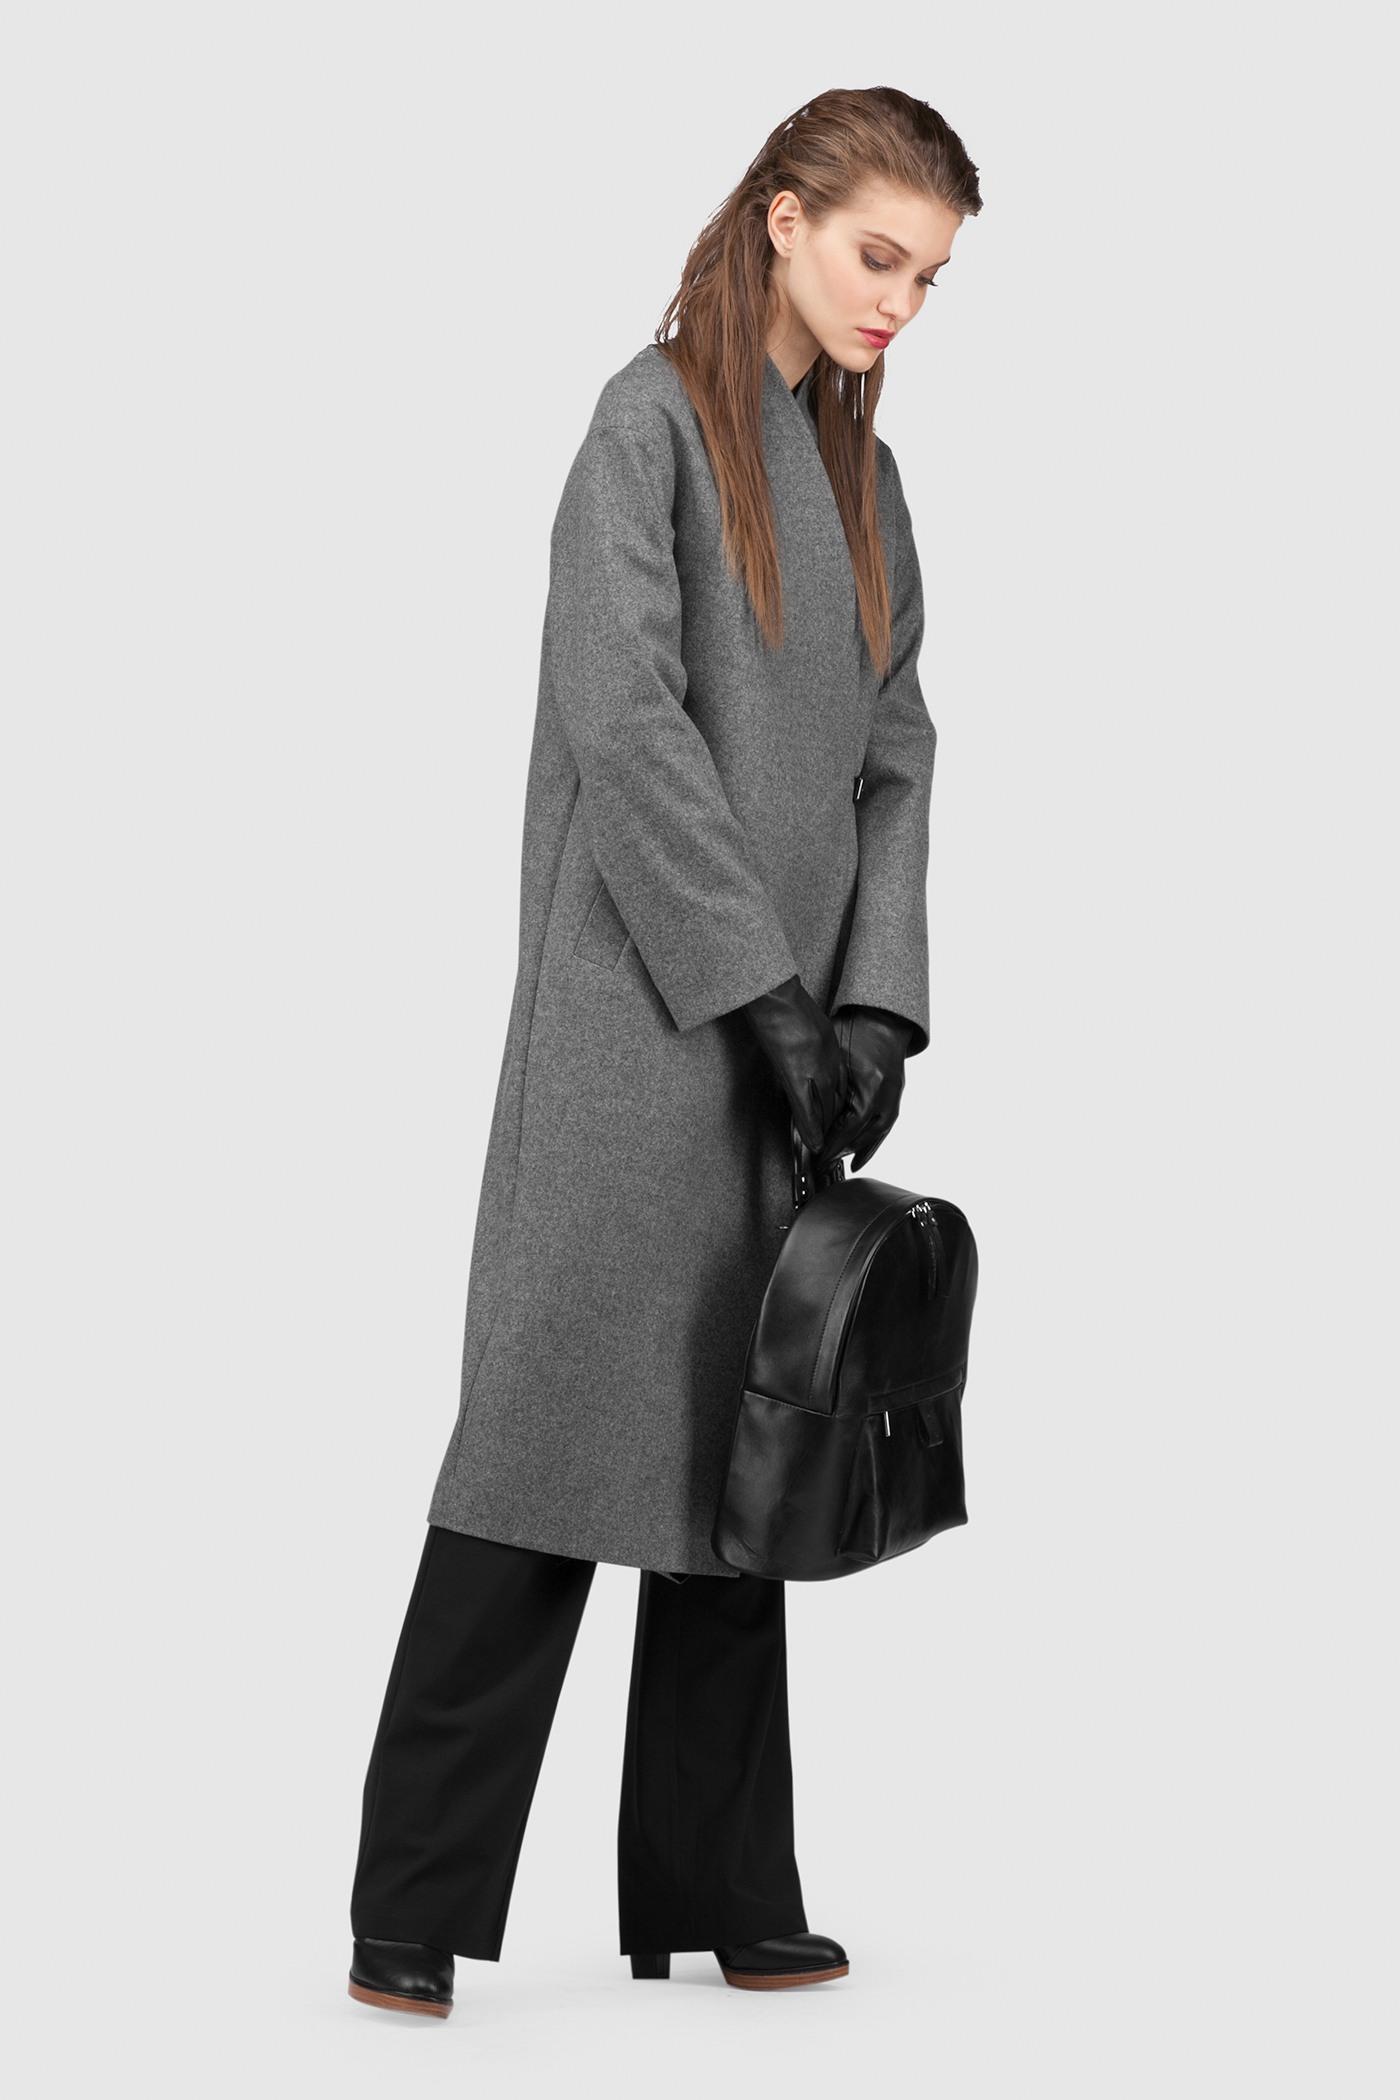 Зимнее пальто - ОСЛООбъемное пальто OSLO (Осло) прямого, неприталенного силуэта на запахе. Застежка на кожаный хлястик, чуть ниже уровня талии. Карманы с широкой листочкой несколько смещены к боковому шву. Линия плеча расширена и опущена. Конструкция без подплечников. Модель подходит для всех типов фигур - А, Т, О-образных.&#13;<br>&#13;<br>&#13;<br>рекомендуемая сезонность: холодная осень, теплая зима&#13;<br>&#13;<br>данную модель можно НЕ утеплять, 1 слой утеплителя присутствует в базовой комплектации&#13;<br>&#13;<br>шерстяной дышащий утеплитель эффективно сохраняет тепло и при этом не препятствует свободной циркуляции воздуха&#13;<br>&#13;<br>длина размера S при росте 164-170 см: 106 см&#13;<br>&#13;<br>внутренний карман для телефона&#13;<br>&#13;<br>модель имеет три ростовки: 158-164 см, 164-170 см и 170-176 см.&#13;<br>&#13;<br>размер и другие нюансы уточняются при заказе, мы с вами связываемся по указанному вами номеру телефона&#13;<br>&#13;<br>&#13;<br>* Внимание! Ощущение тепла - очень индивидуально и зависит от множества факторов (влажность, ветер, индивидуальные особенности, прочая одежда на человеке итд.), поэтому мы не можем гарантировать, что каждому будет комфортен указанный диапазон температур. Поэтому учитывайте, пожалуйста, эти детали при формировании заказа.&#13;<br>&#13;<br>** Возможная погрешность в длинах готового изделия составляет не более 2-3%&#13;<br>&#13;<br>*** Если у вас остались вопросы, пишите нам на электронную почту asyamalbershtein@gmail.com или звоните по номеру +7 (812) 649-17-99, мы постараемся ответить на ваши вопросы и помочь определиться вам с выбором или размерной сеткой наших изделий.<br><br>Цвет: Черный<br>Размер: XS, S, M, L<br>Ростовка: 158 -164, 164 -170, 170 -176